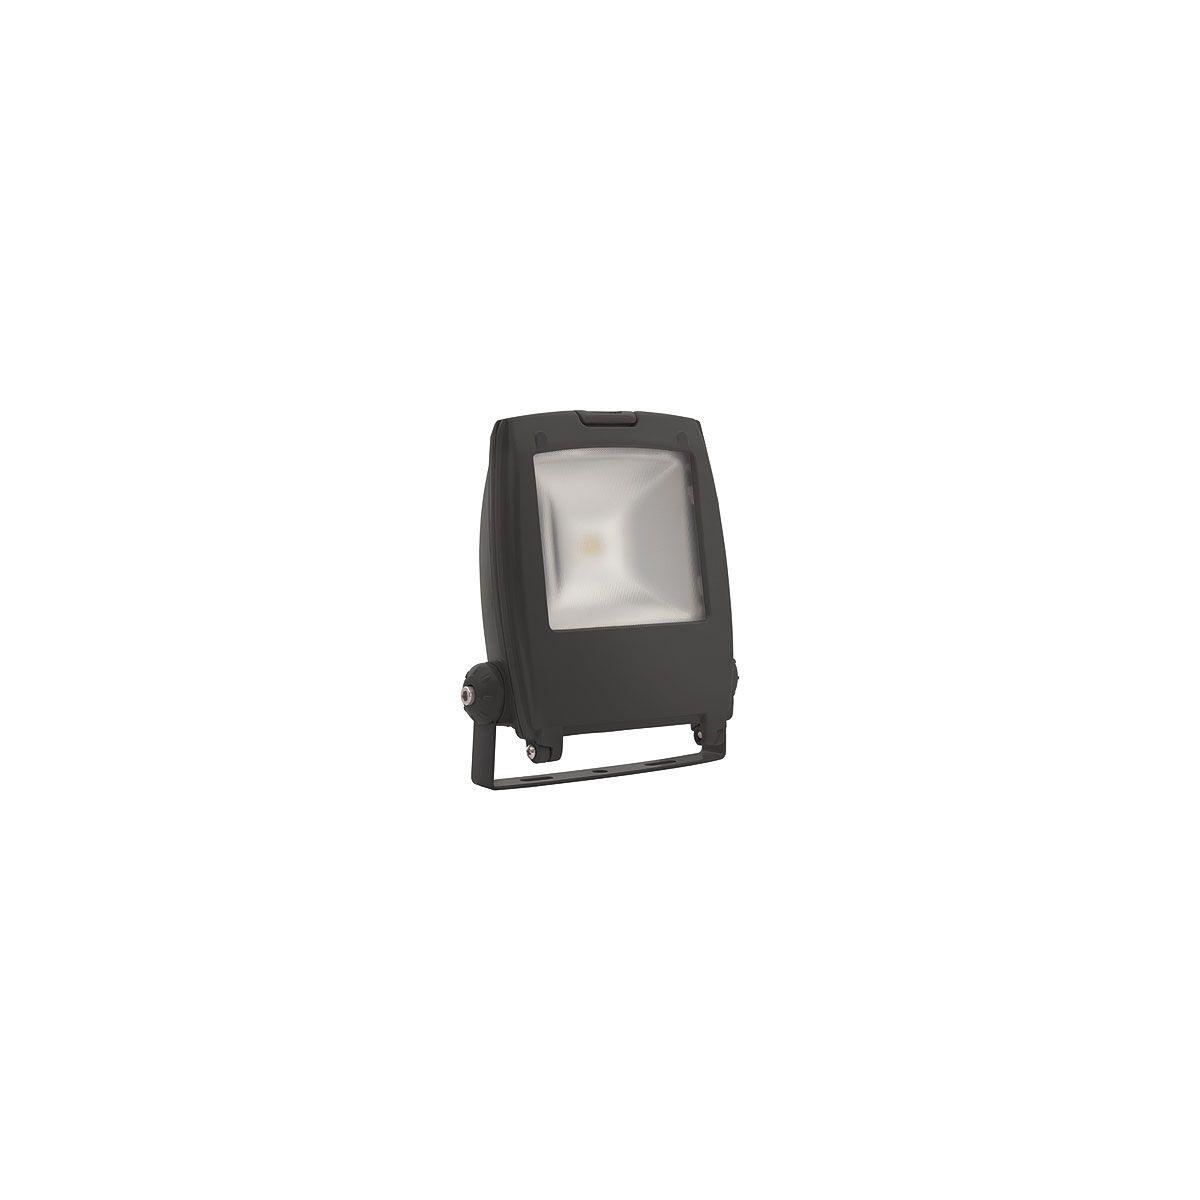 Naświetlacz RINDO LED MCOB-10-GM 10W NW (18480)